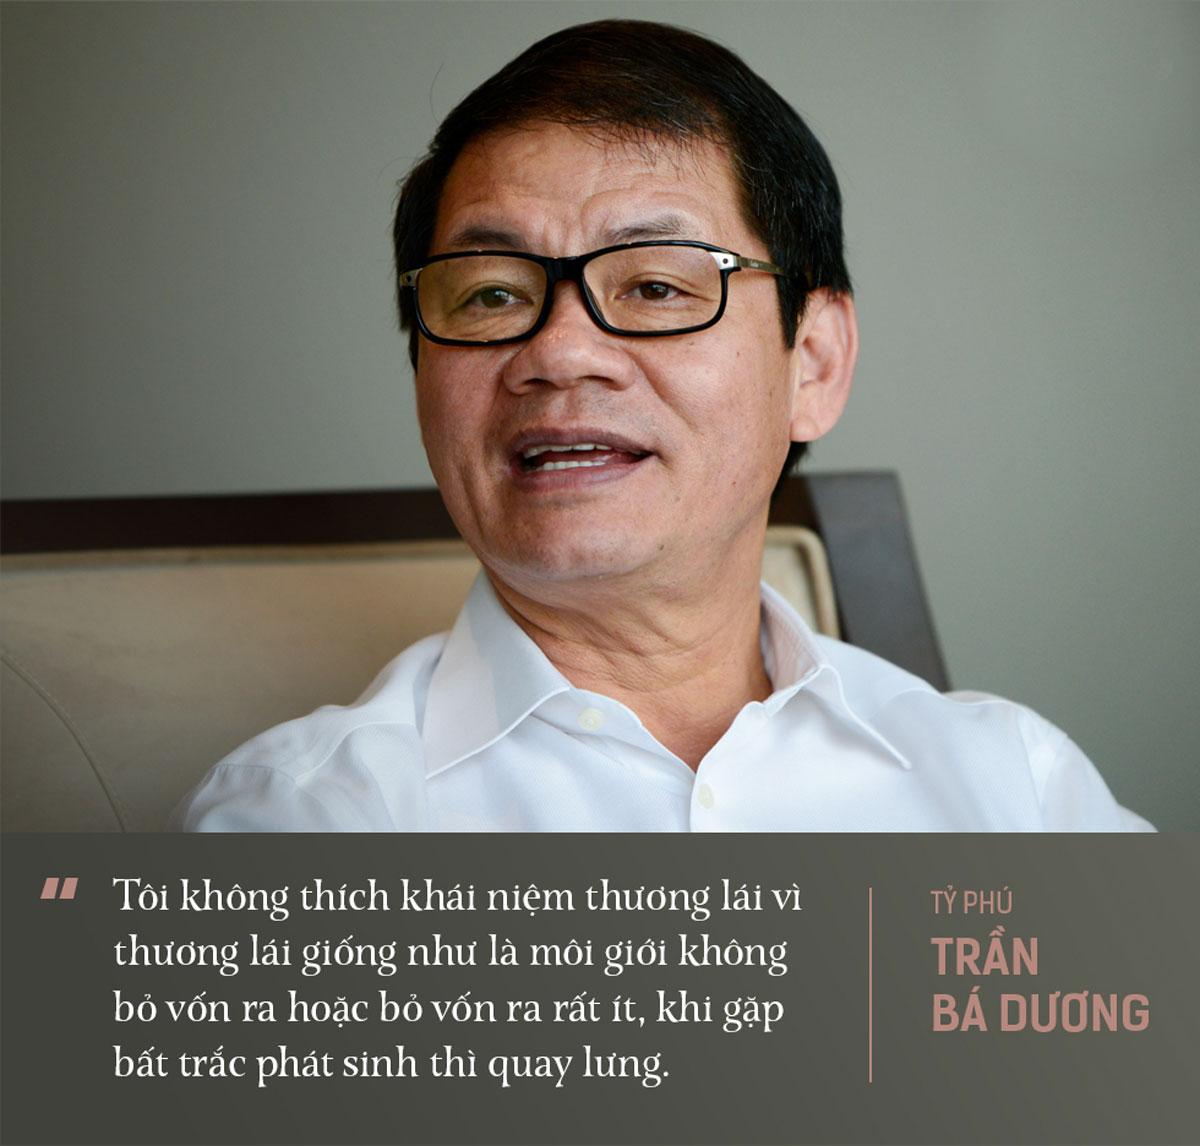 Tỷ phú Trần Bá Dương, góp phần, nâng tầm, nông nghiệp Việt Nam